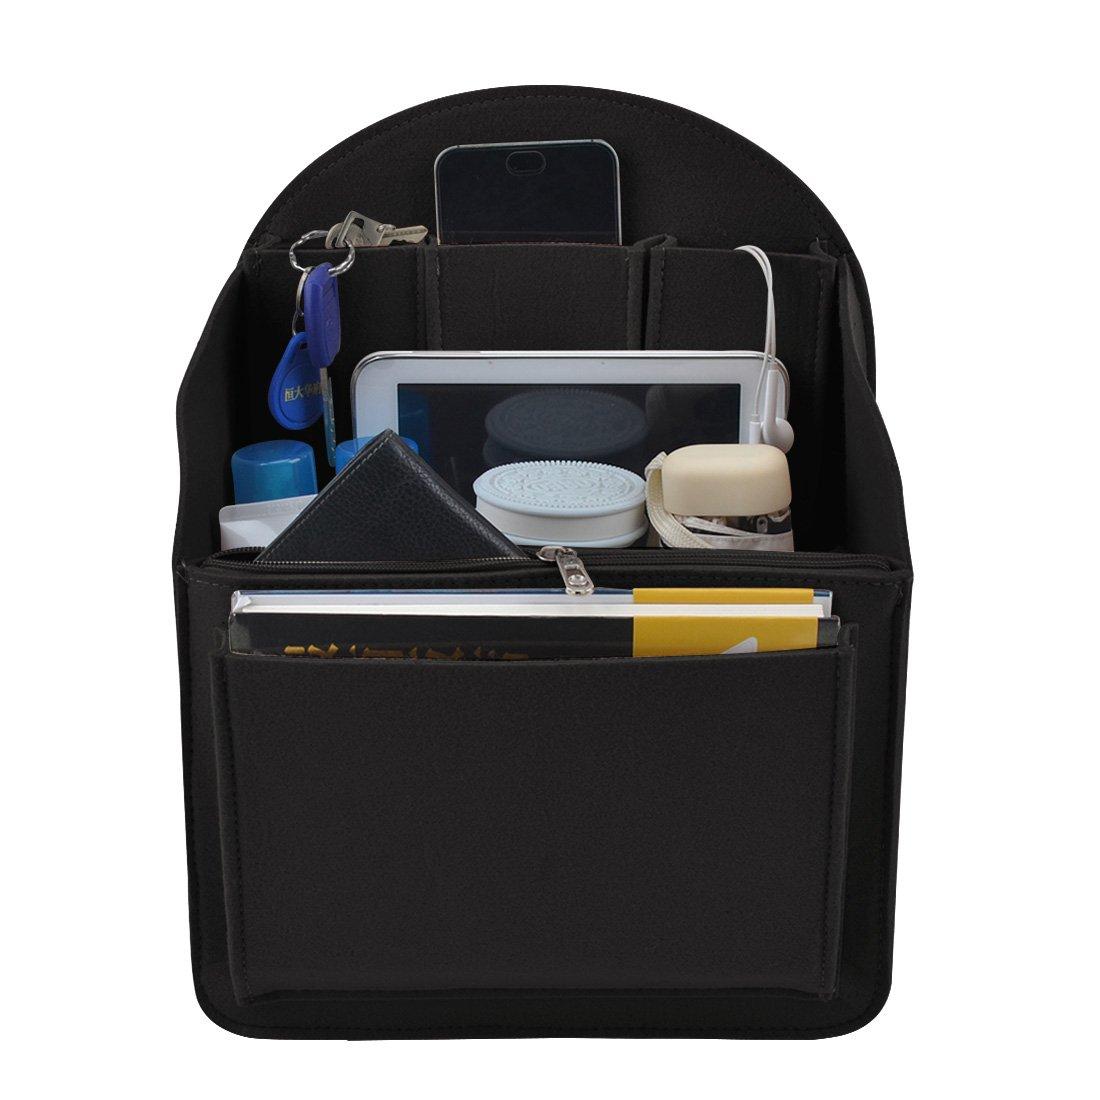 Enerhu Felt Backpack Insert Organizer Universal Bag in Bag Men Women Shoulder Tote Bags Handbag Organizers Black